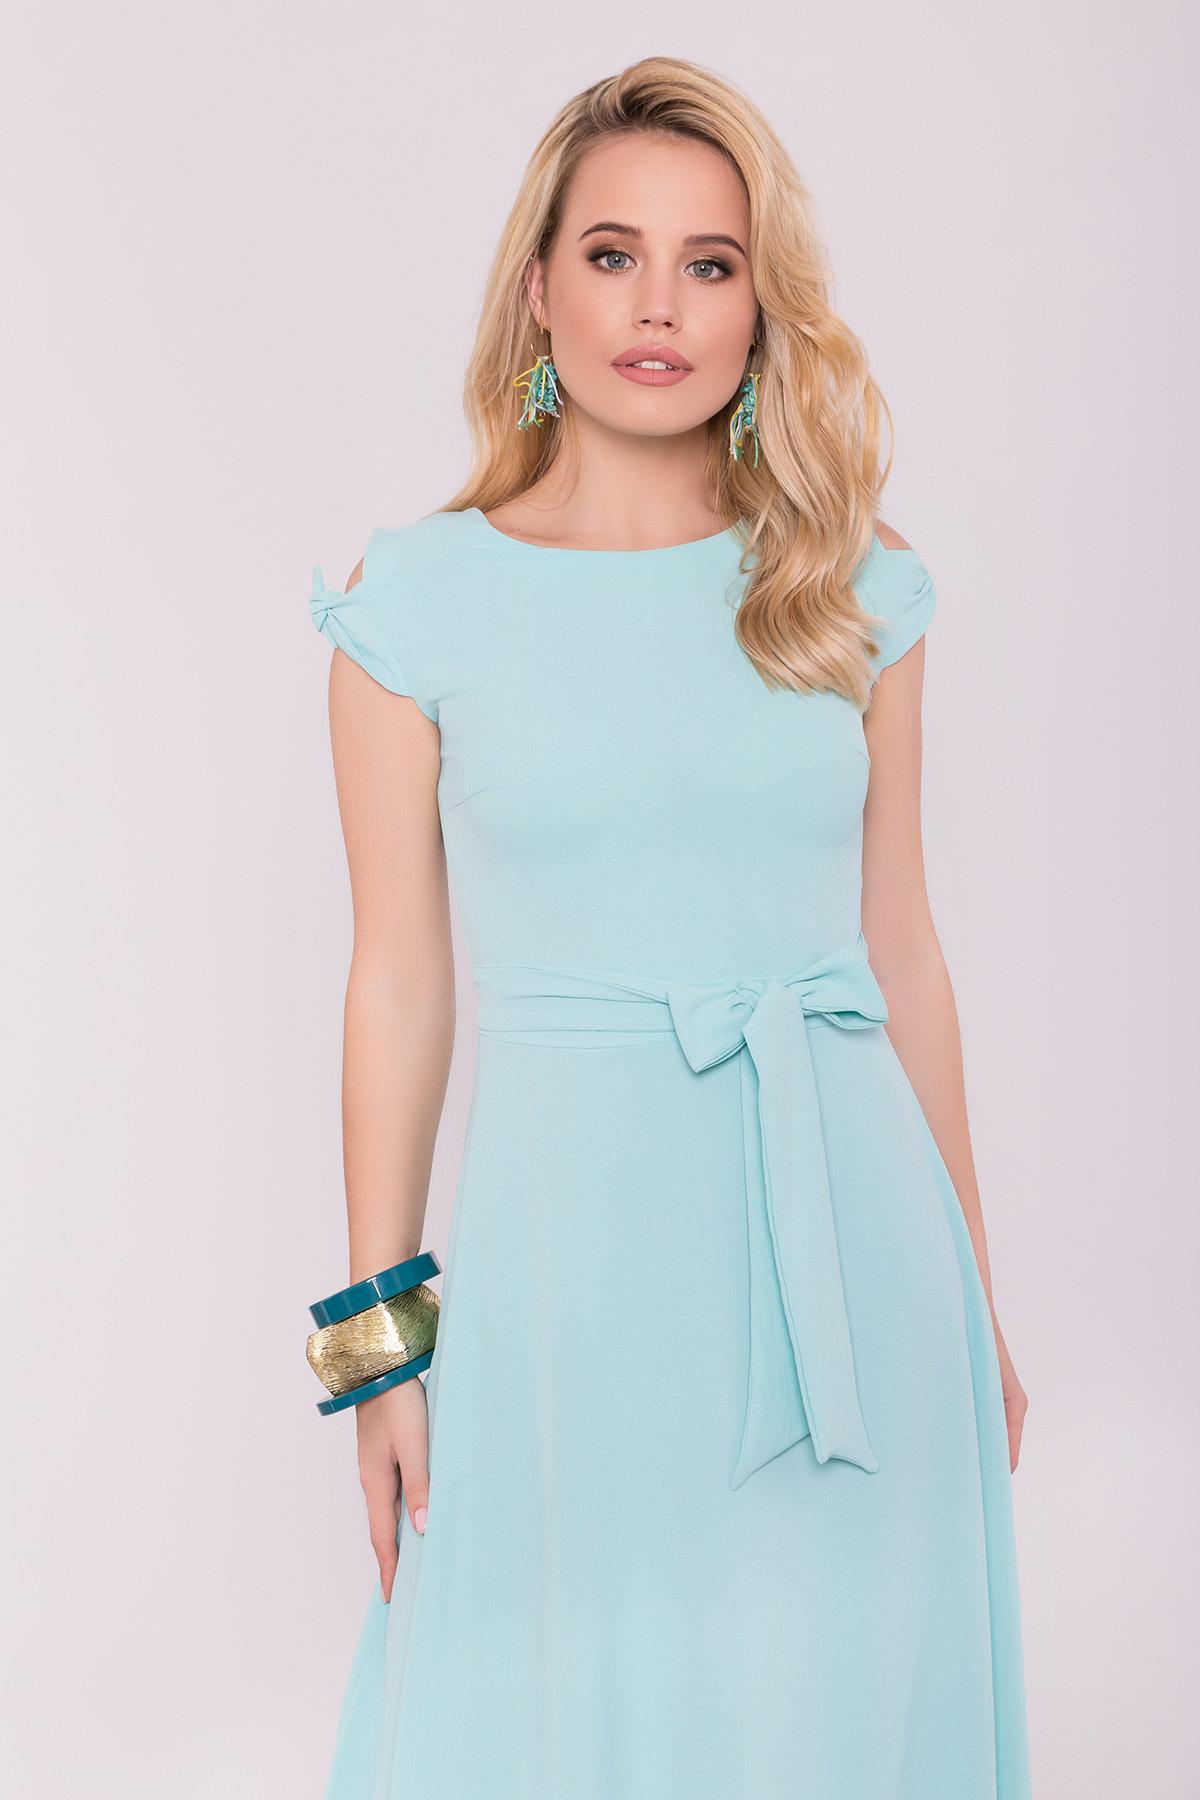 Платье Жане 7181 АРТ. 42599 Цвет: Мята - фото 5, интернет магазин tm-modus.ru